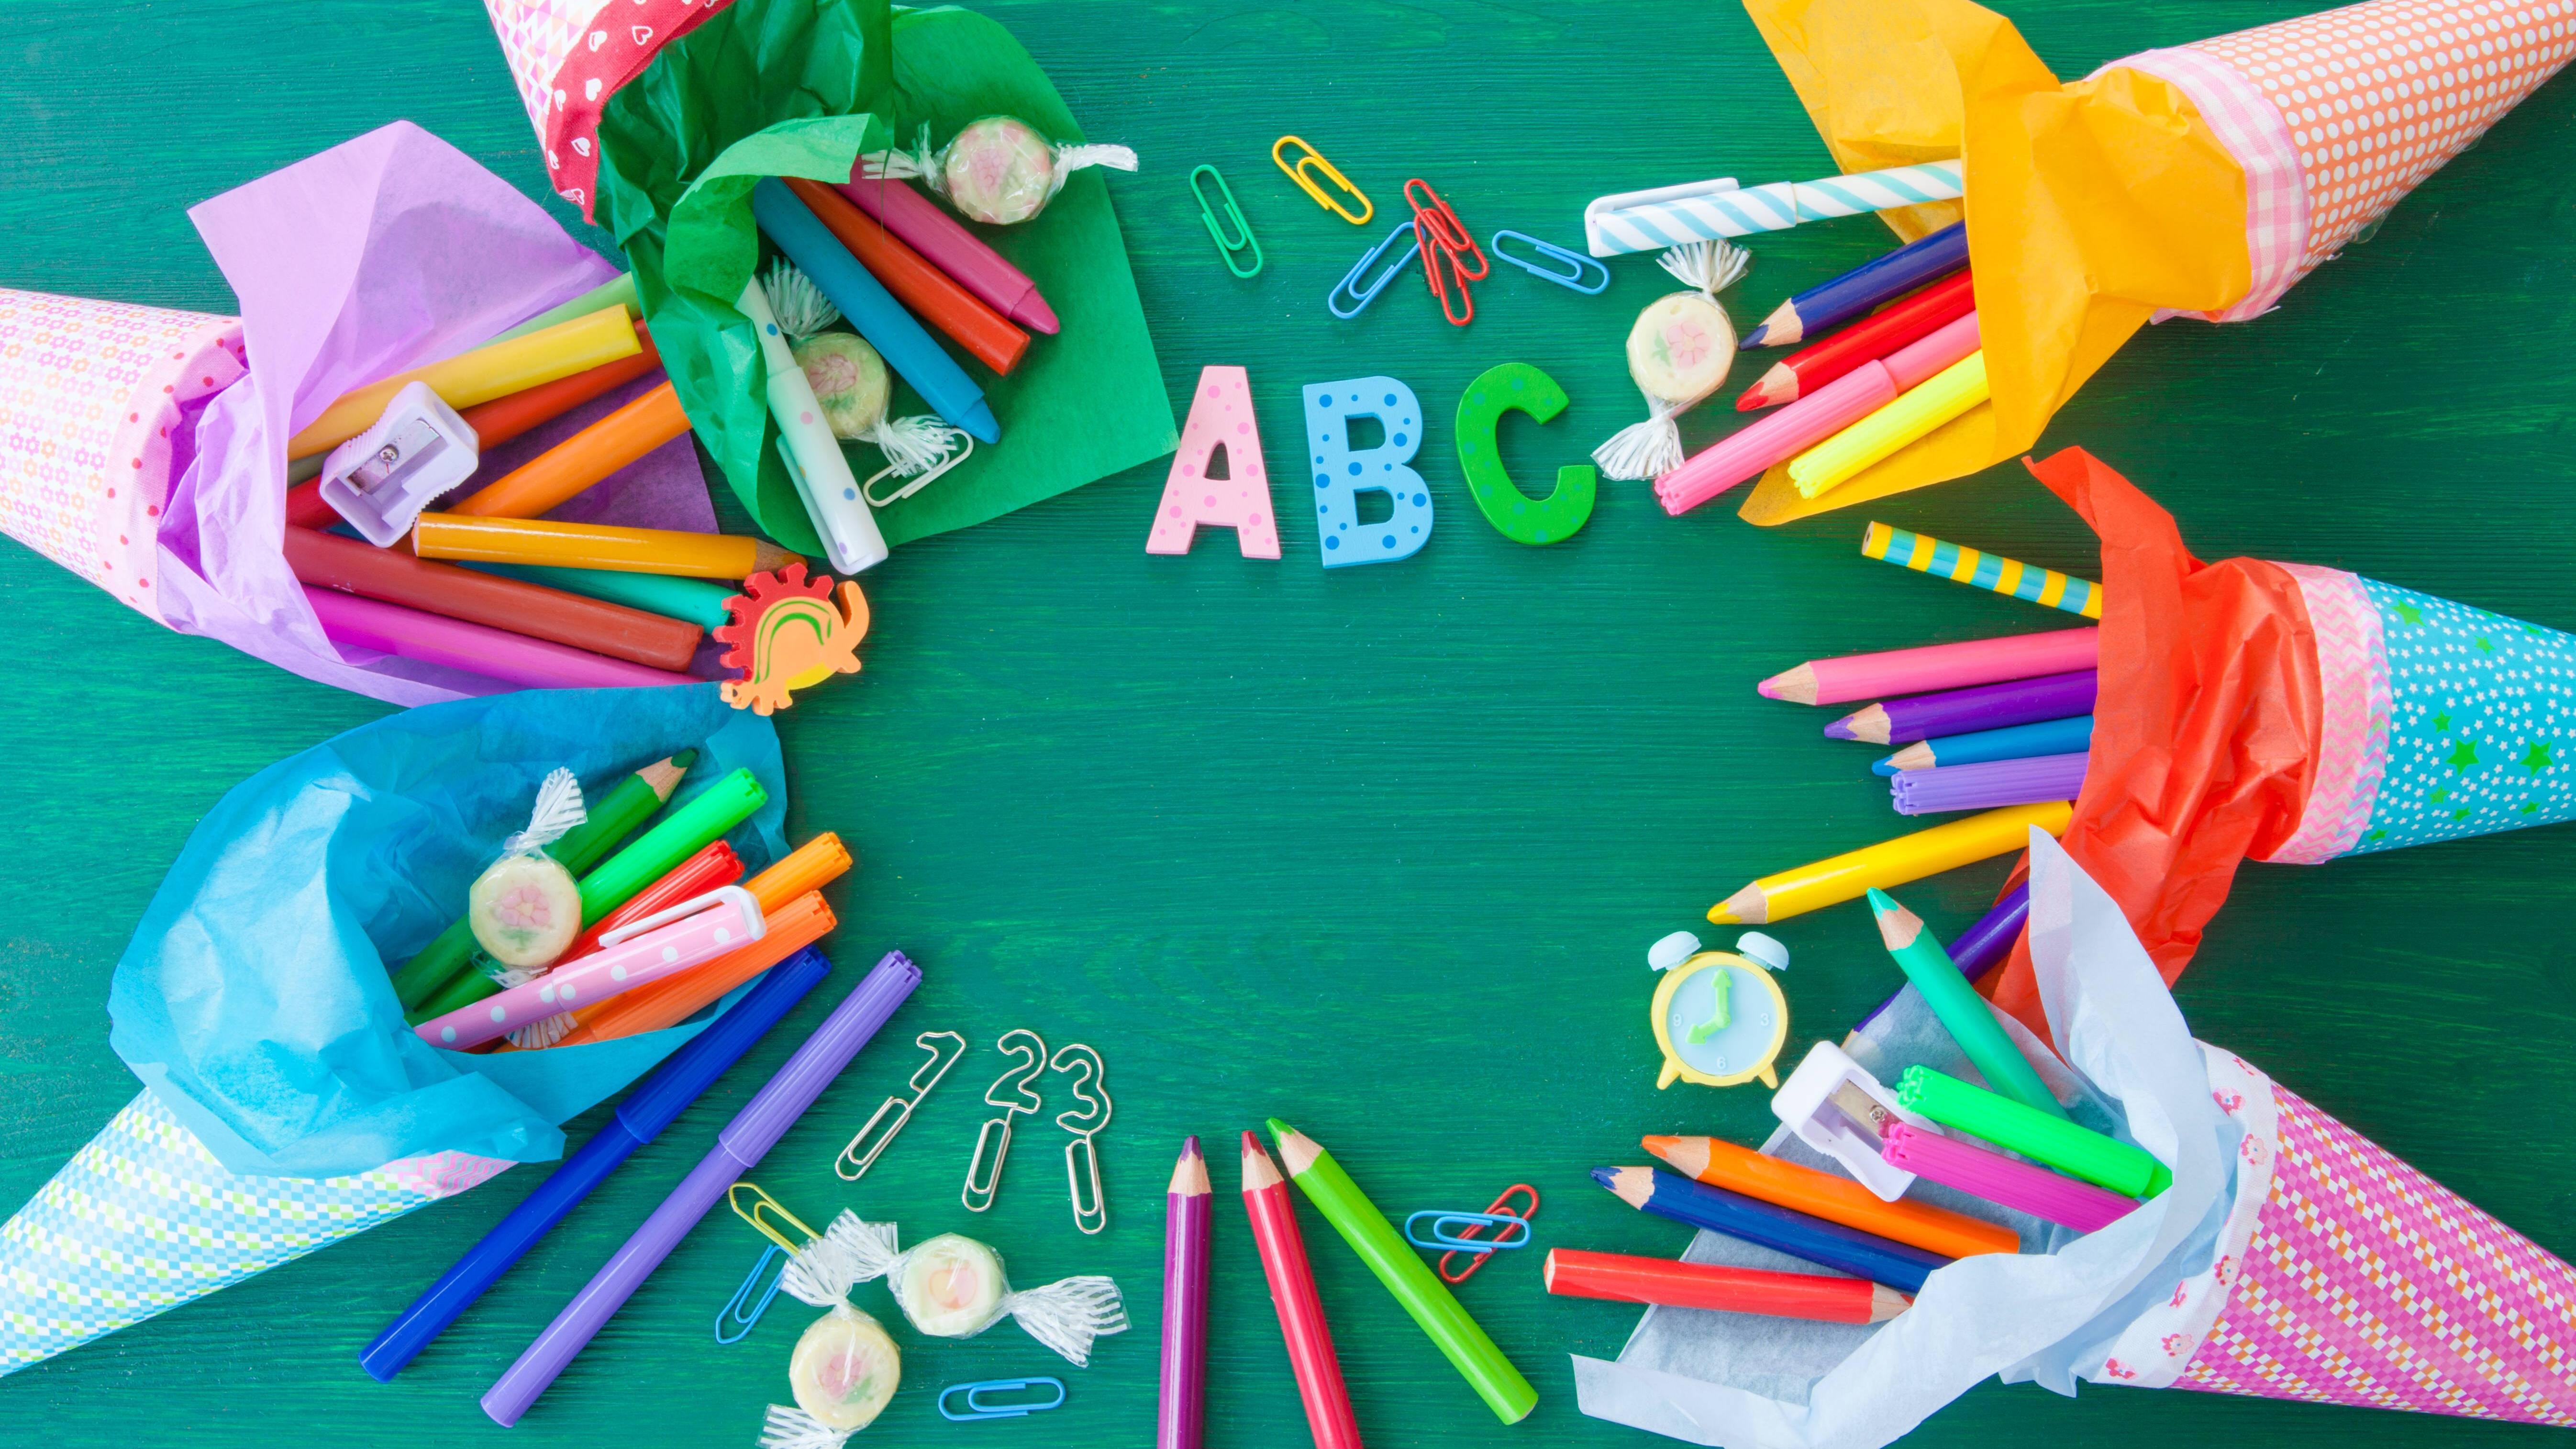 Checkliste: Was kommt alles in die Schultüte?